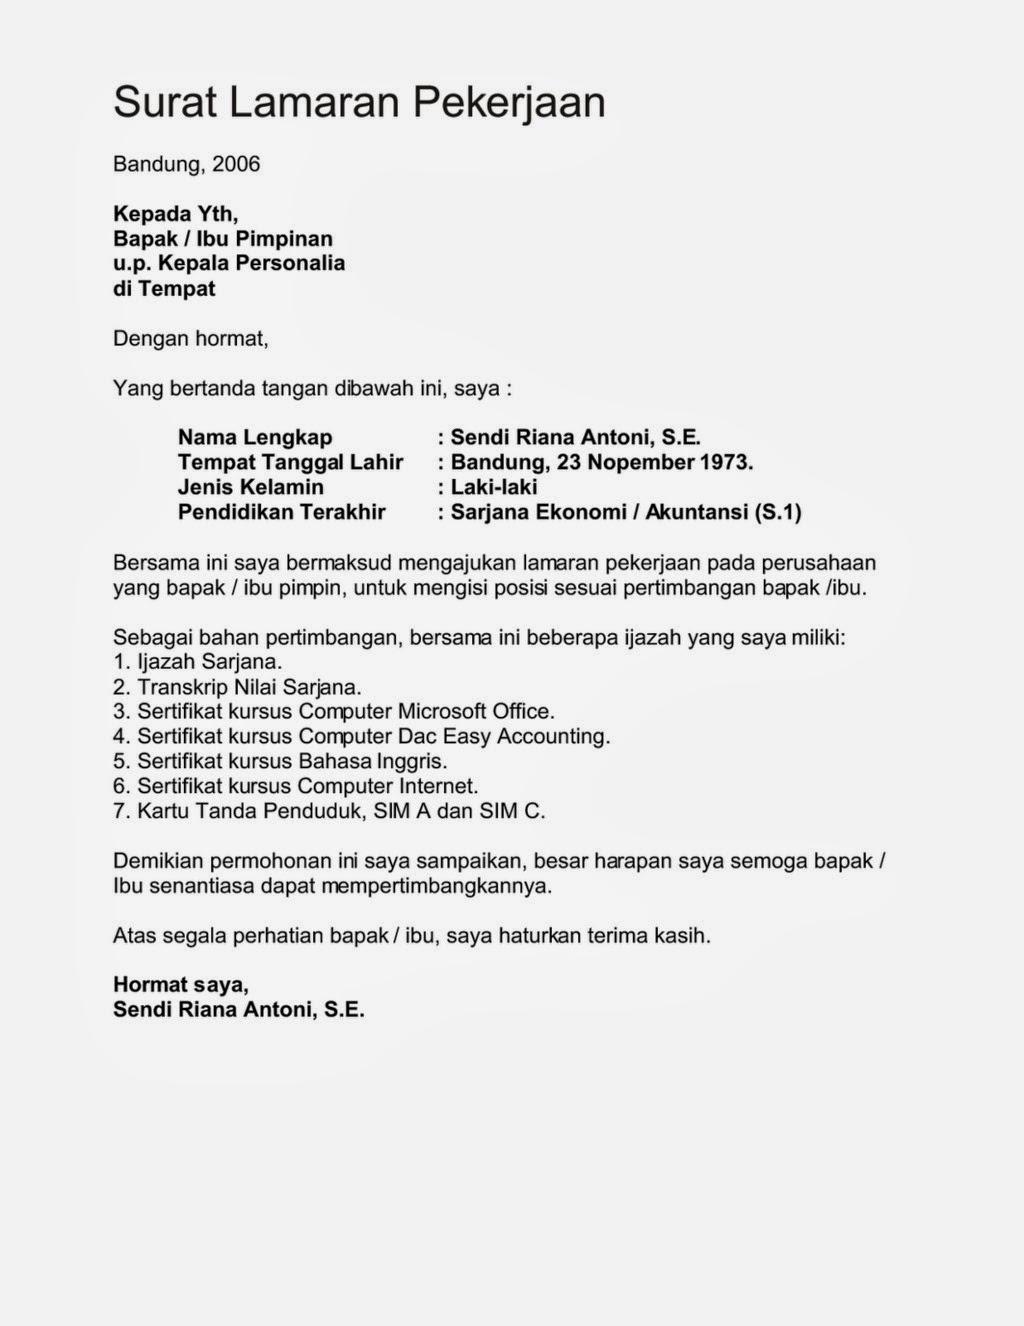 Contoh Surat Lamaran Kerja Bahasa Inggris Di Hotel Bagian Housekeeping Info Seputar Kerjaan